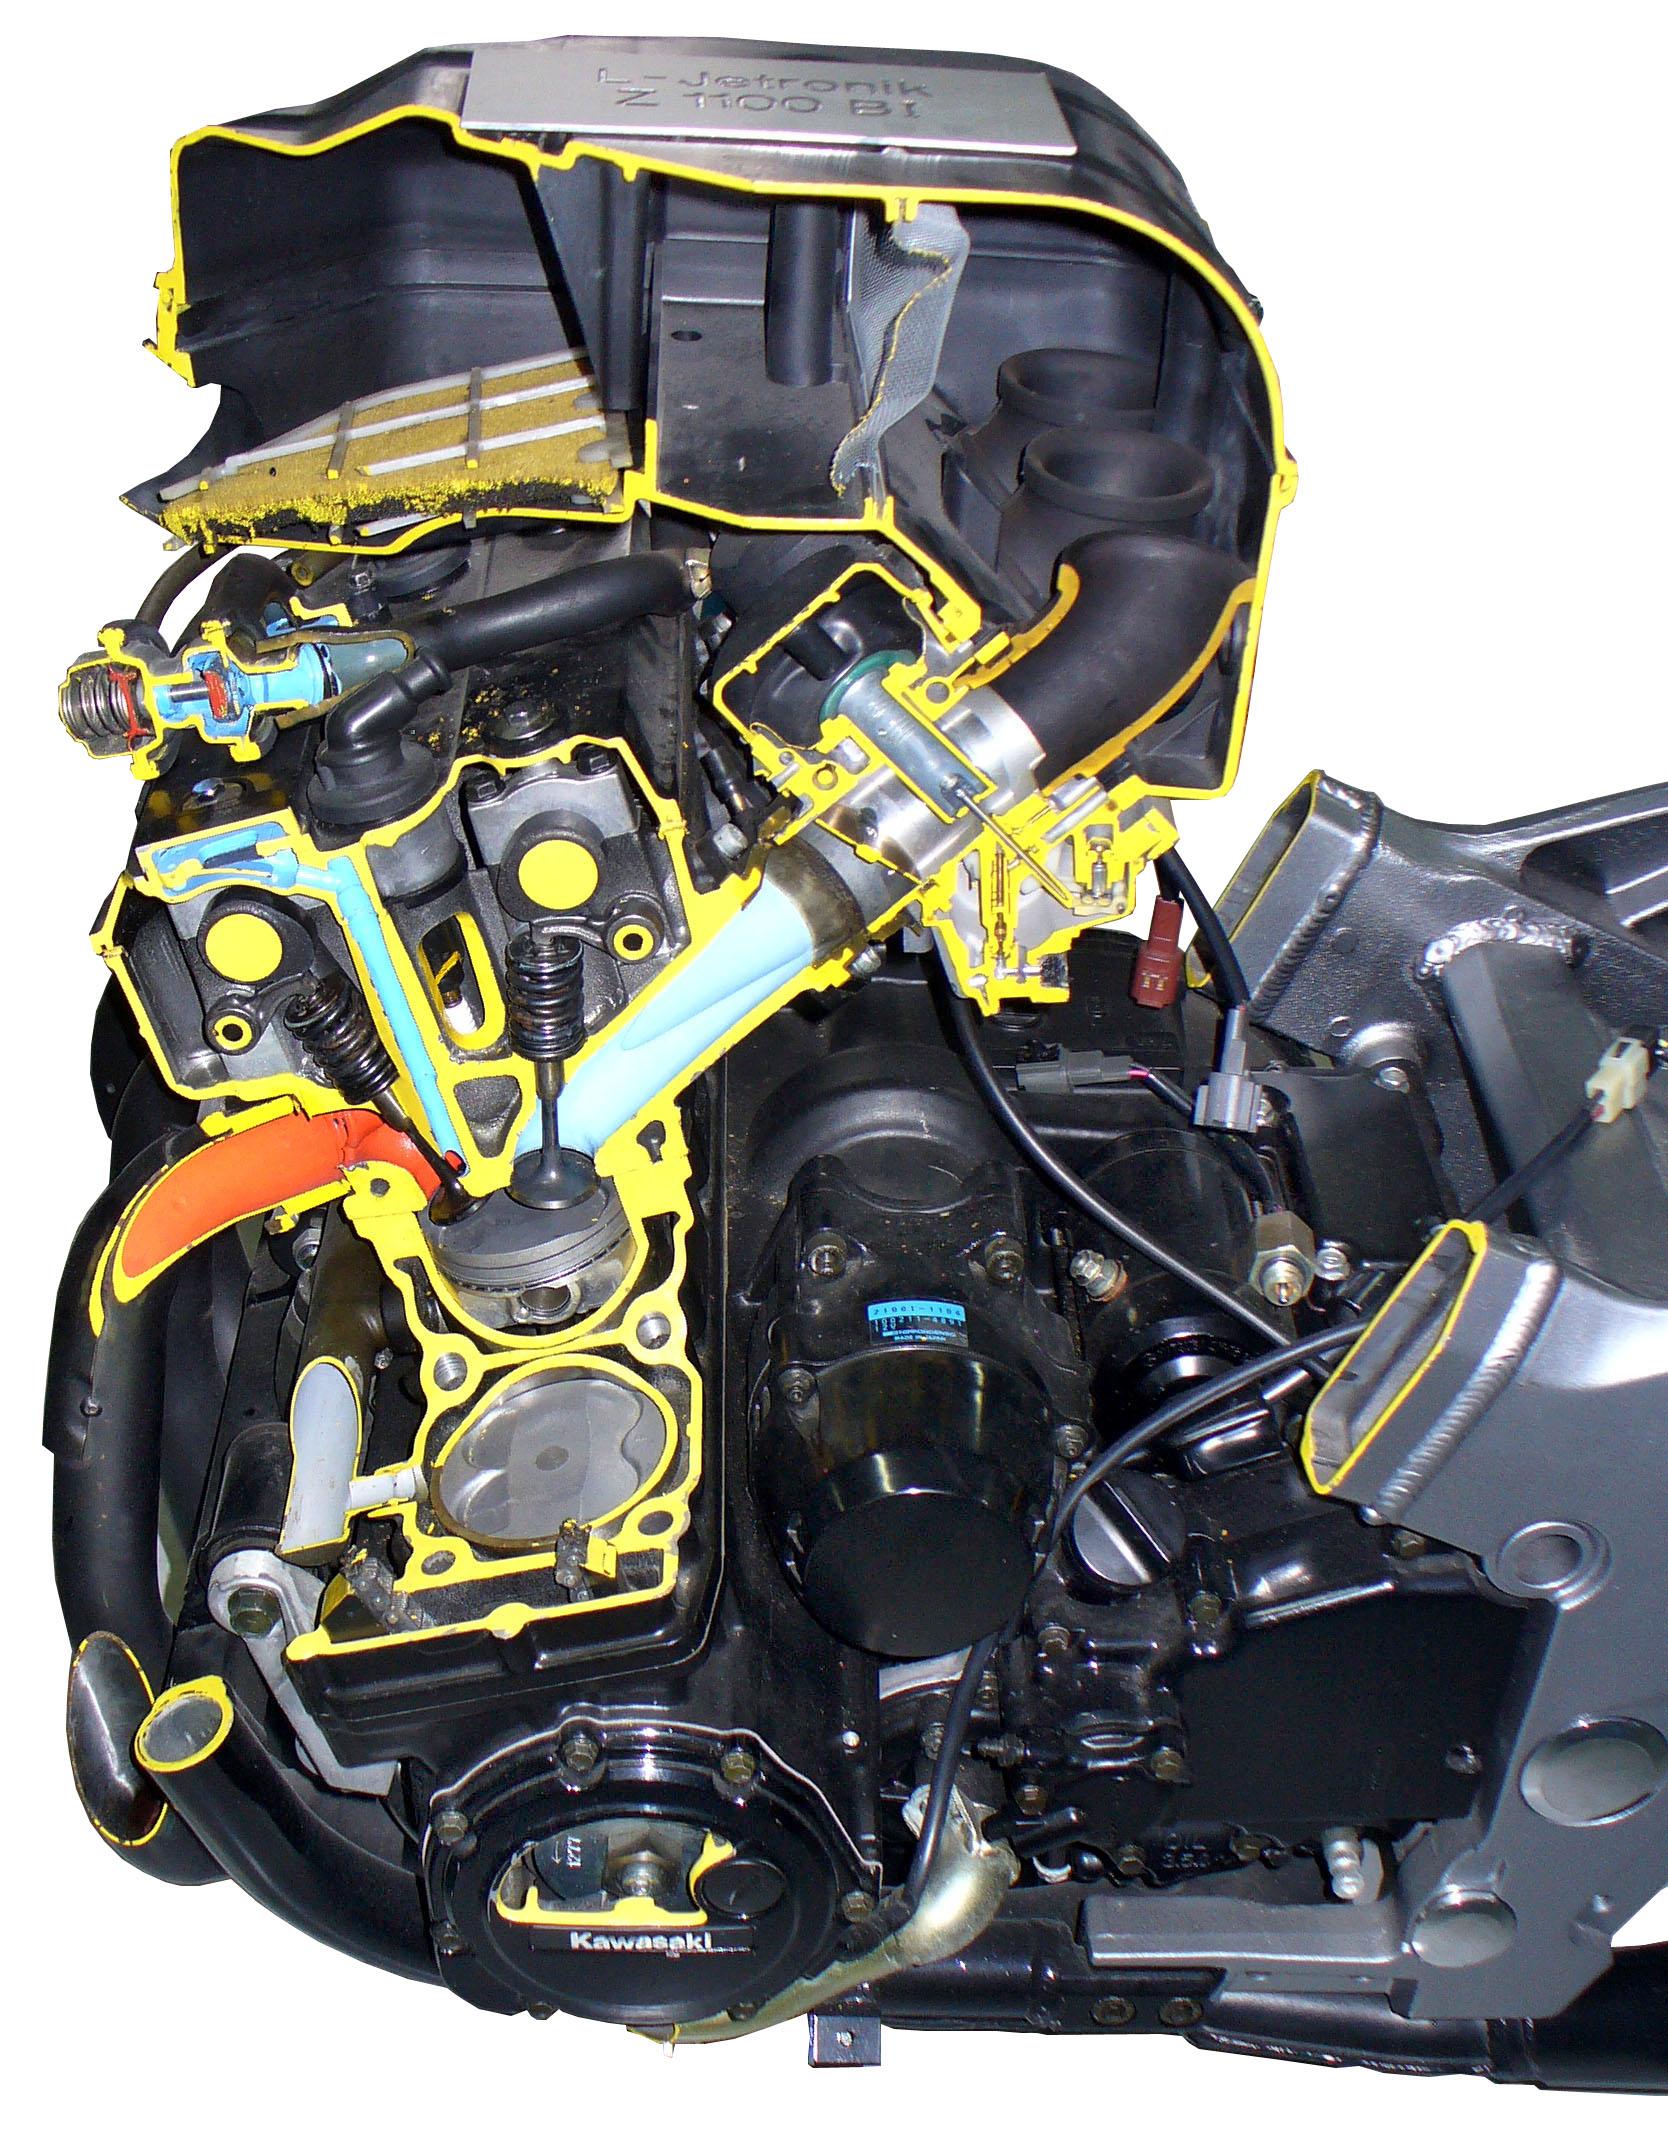 Blick auf das Schnittmodell des Motorradmotors einer Kawasaki 1100 BI